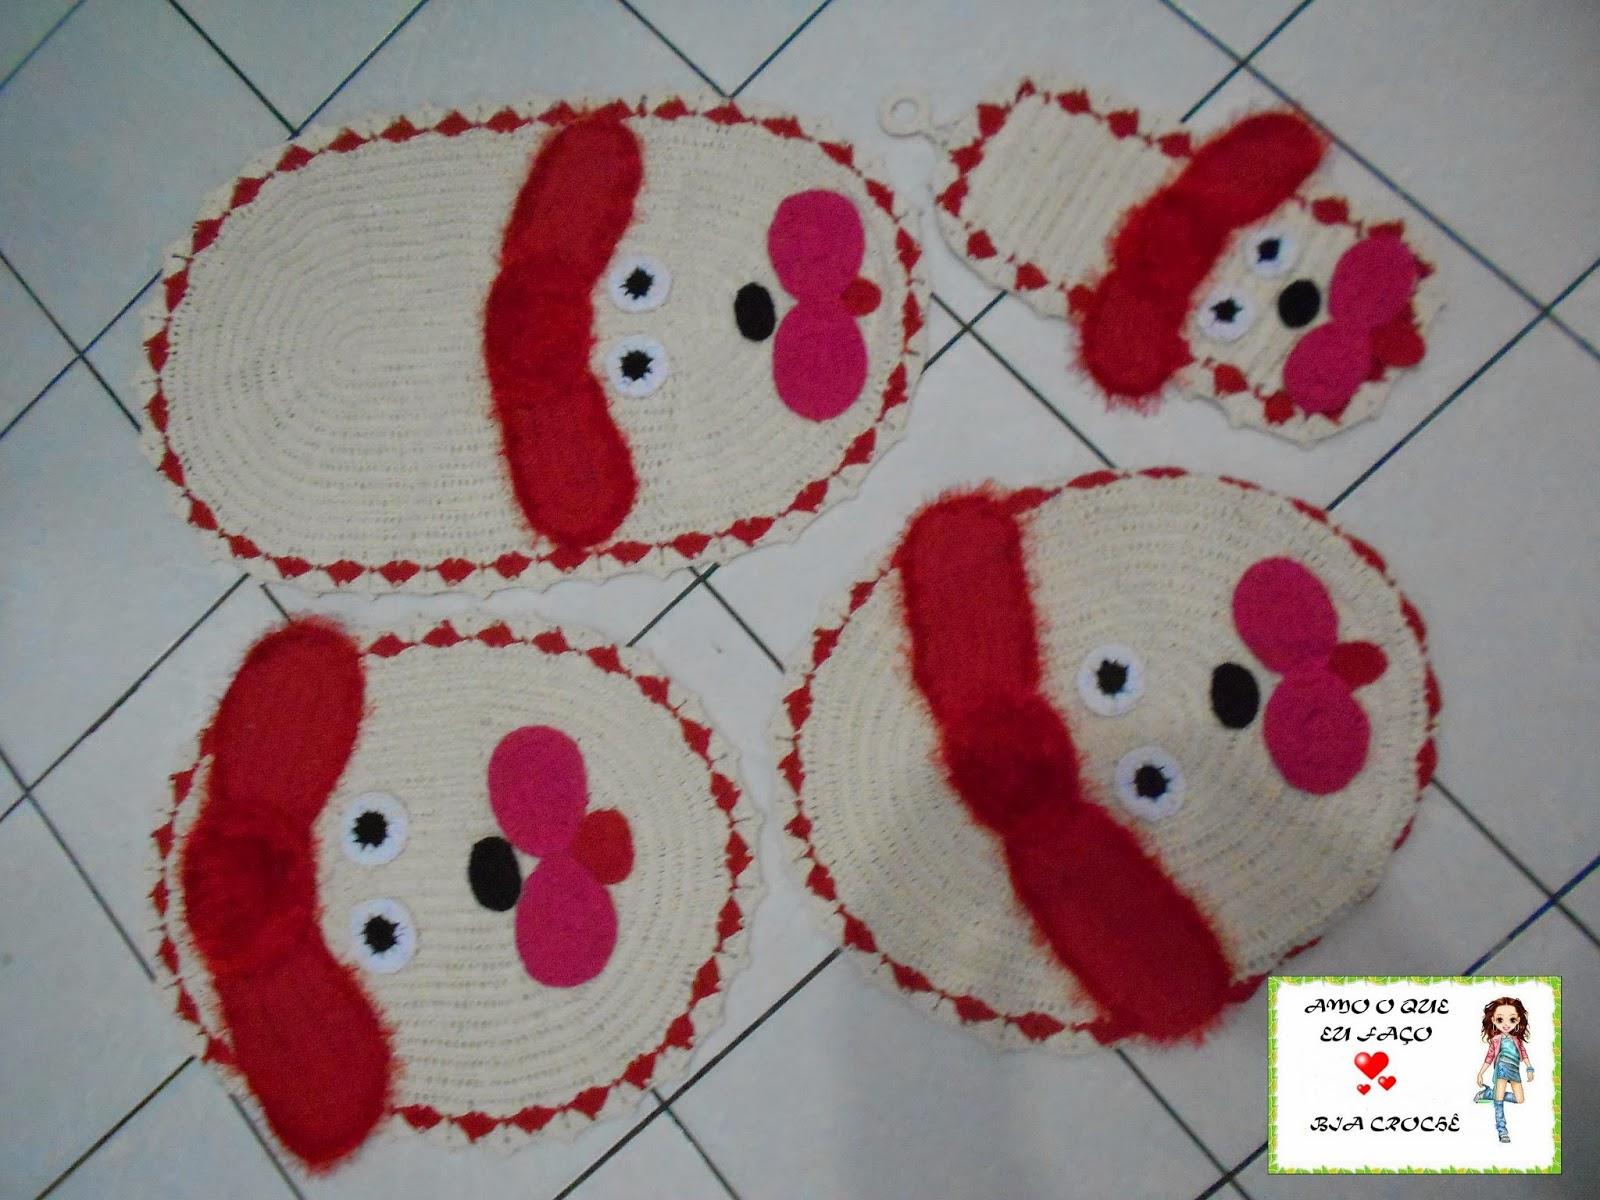 Trabalhos de Crochê: JOGO DE BANHEIRO DE CACHORRO #7D1022 1600x1200 Banheiro De Cachorro Funciona